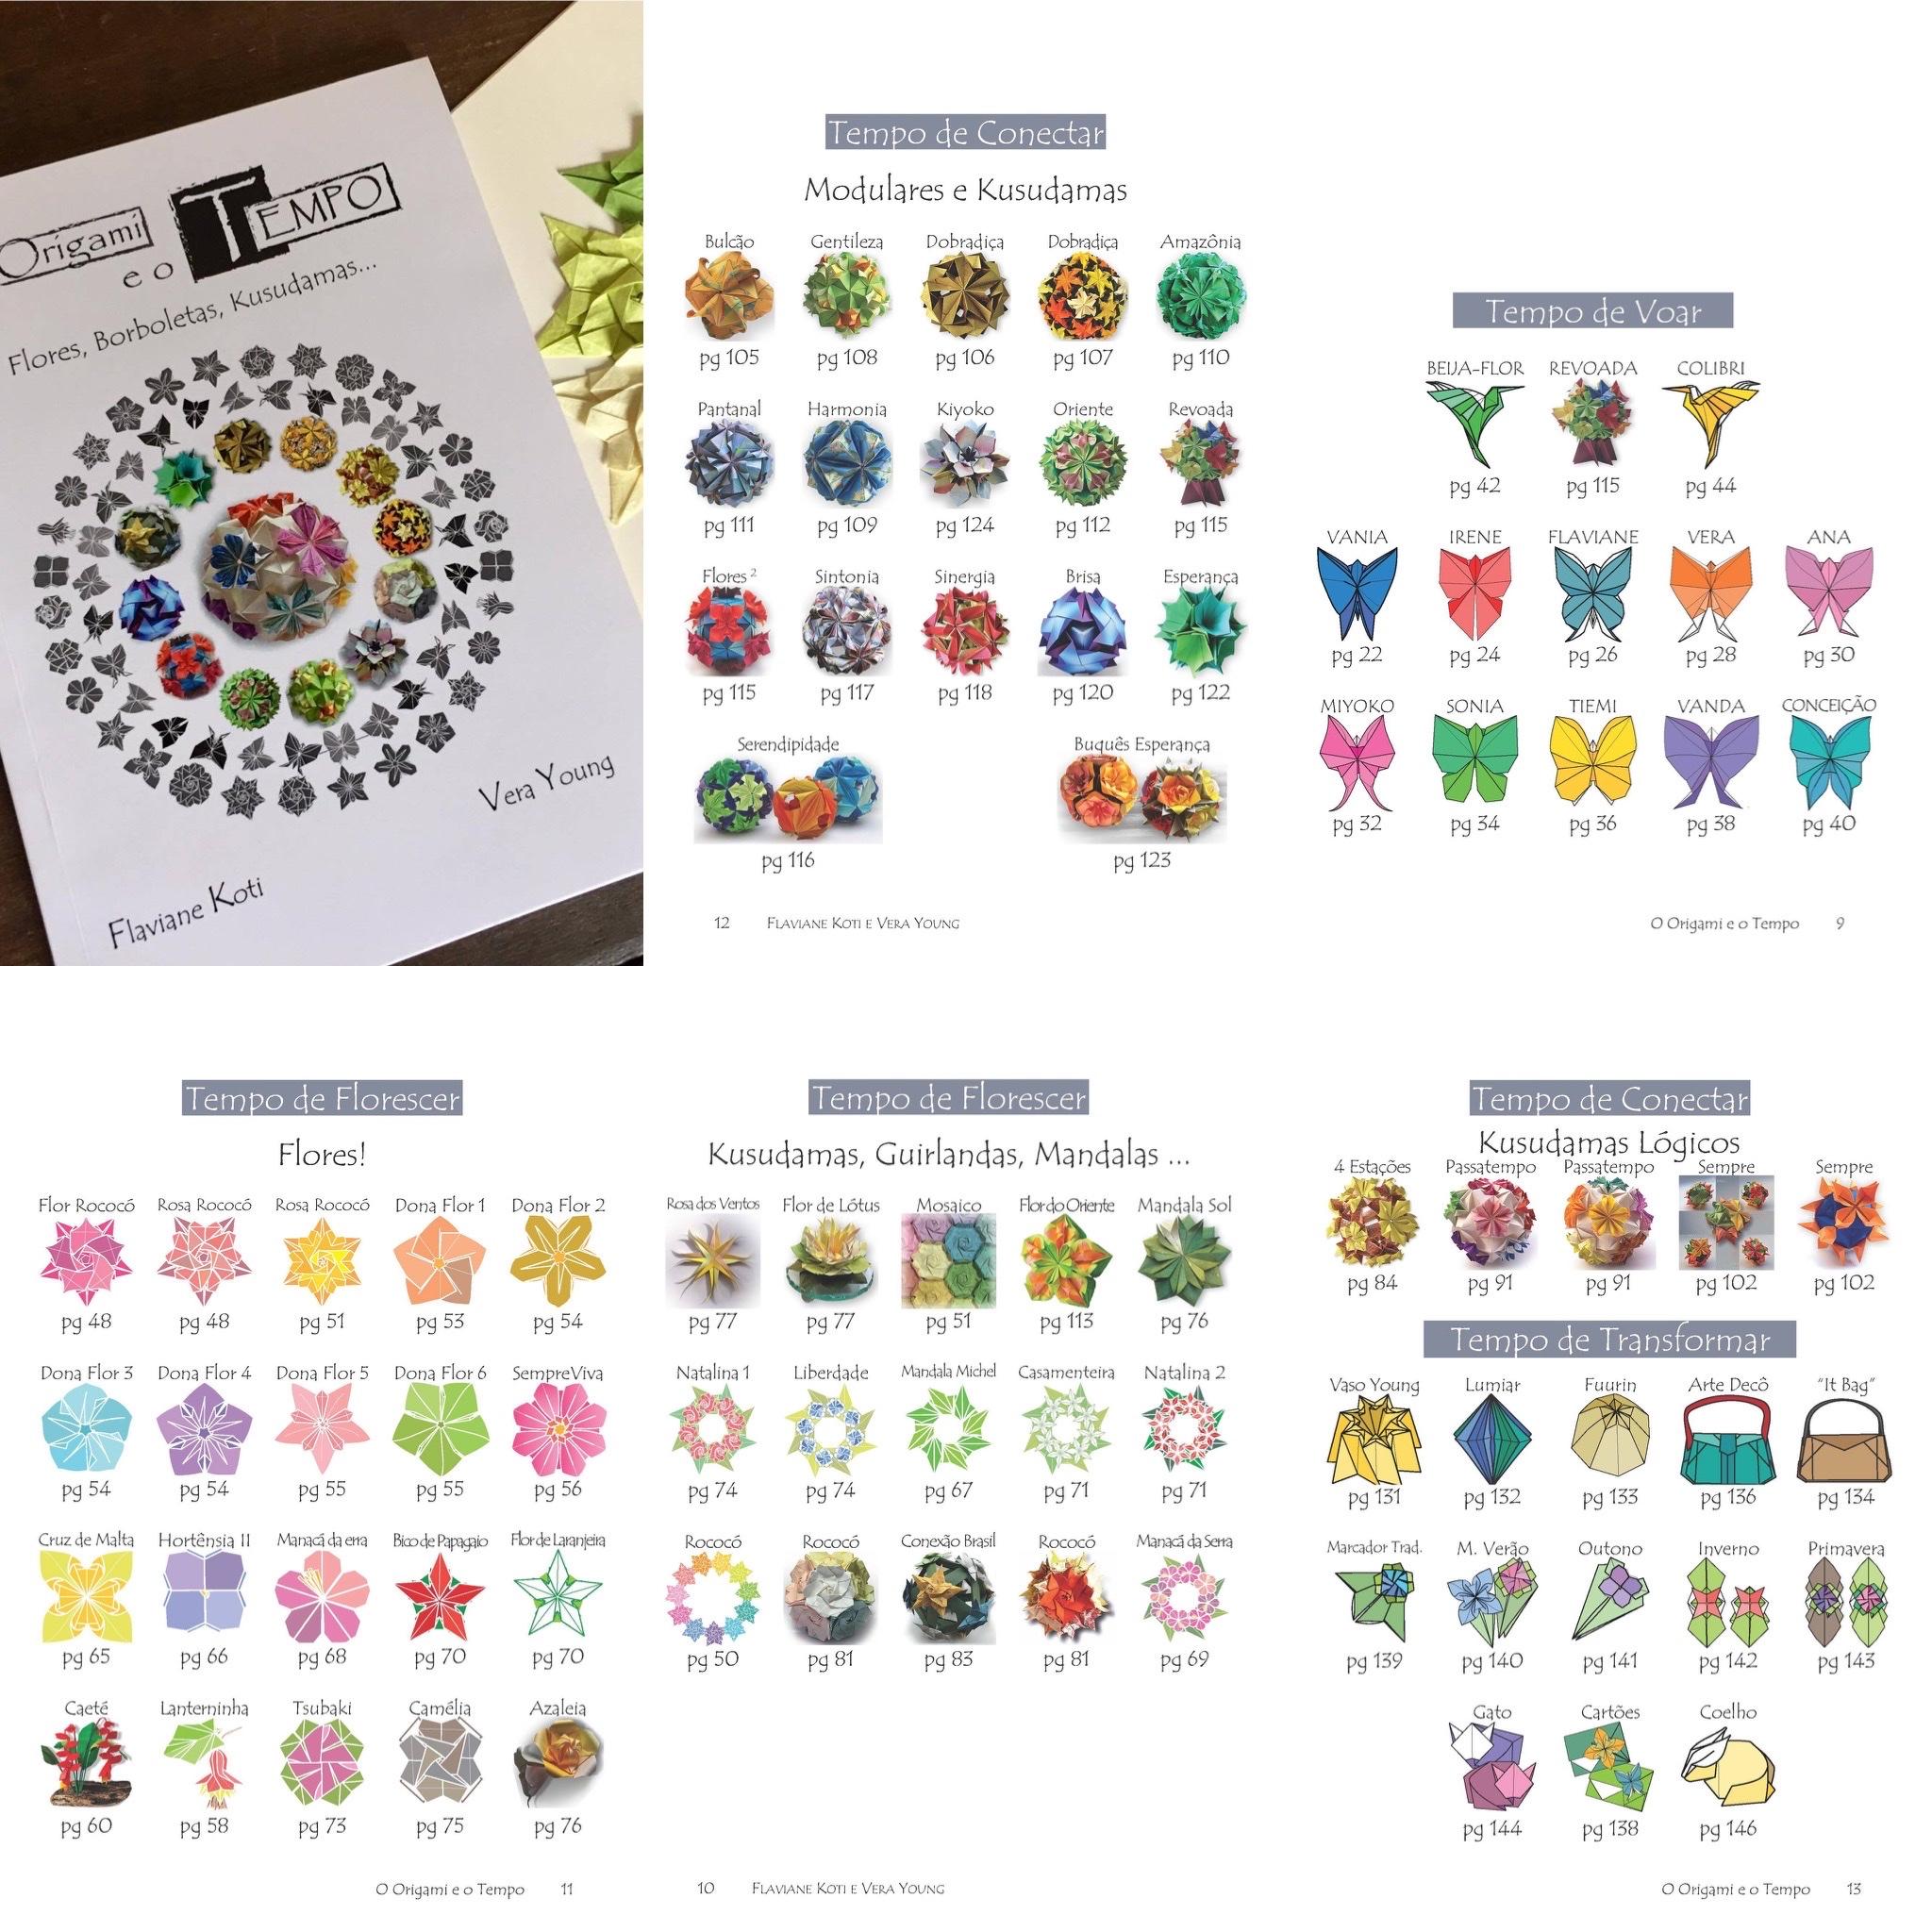 livro de origami, flores, kusudamas, origami modular, decoração, utilitários, guirlandas, arranjos florais, borboletas, beija-flor,  dobradura, diagramas passo a passo